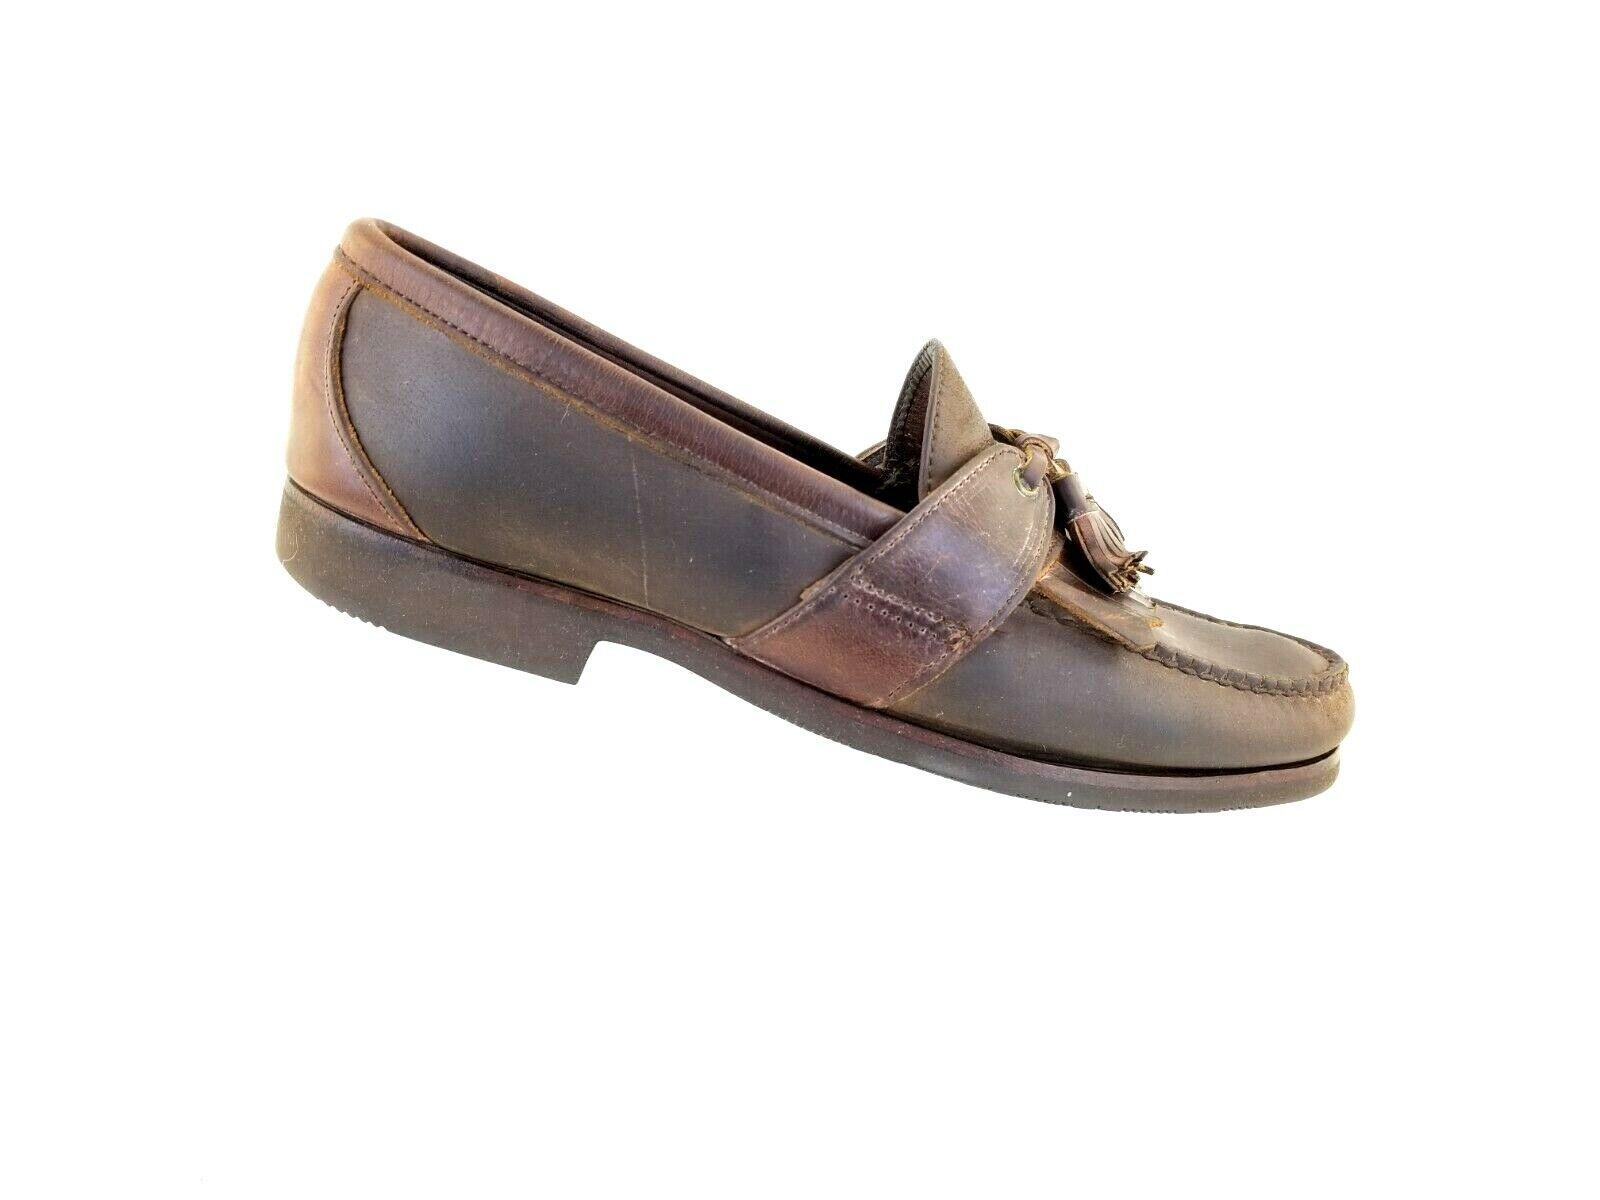 Allen Edmonds Enfield Loafers Slip On Moc Tassel Brown Narrow Leather Size 9.5 B